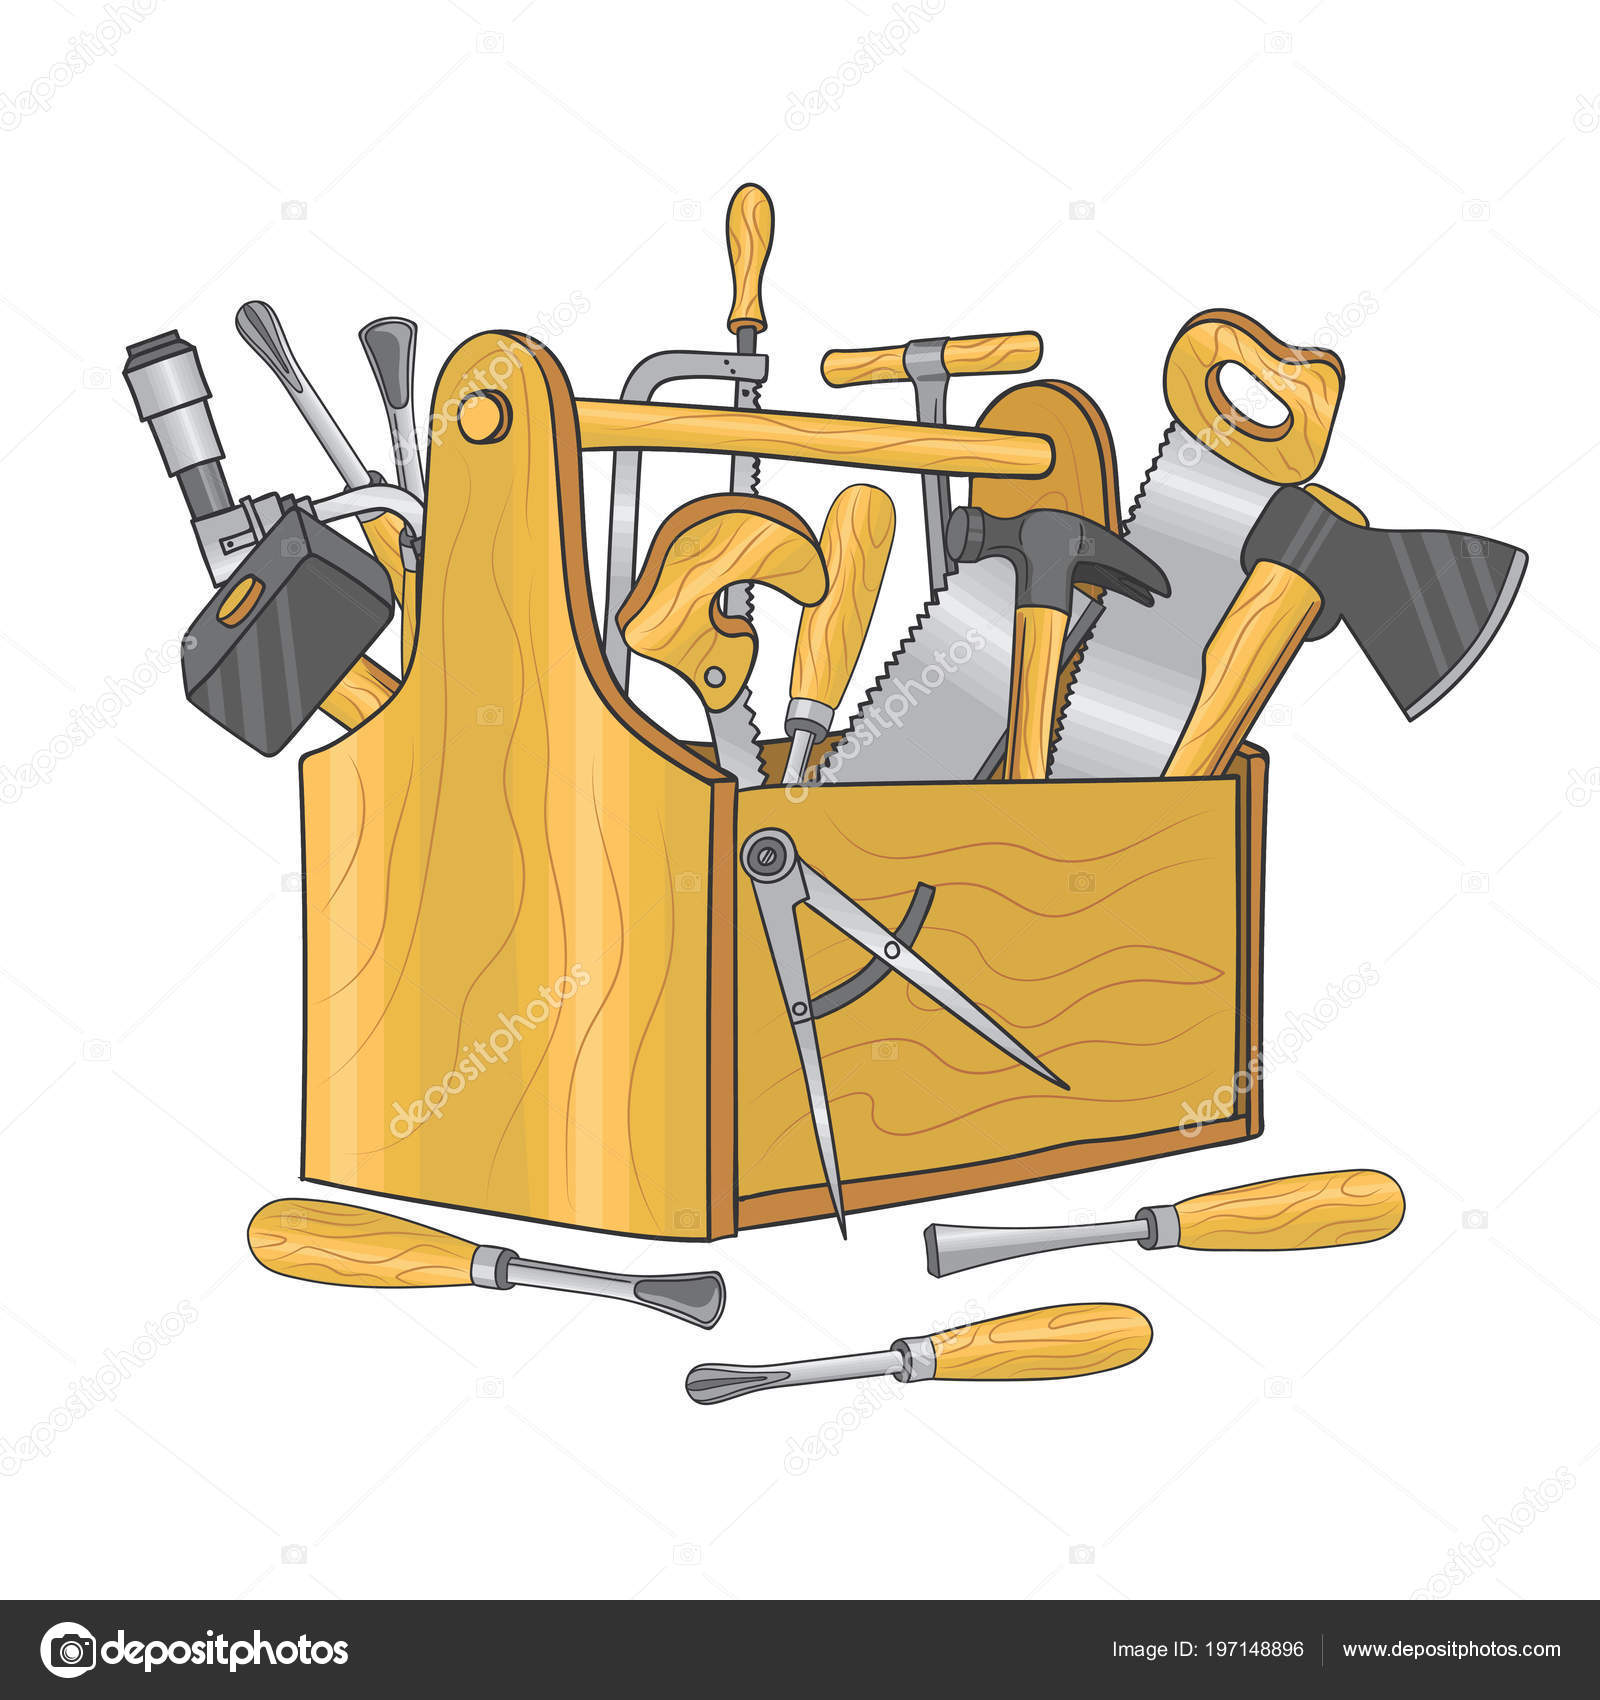 Scatola In Legno Per Attrezzi Di Falegnameria. Illustrazione Di Vettore  Disegnato A Mano U2014 Vettoriale